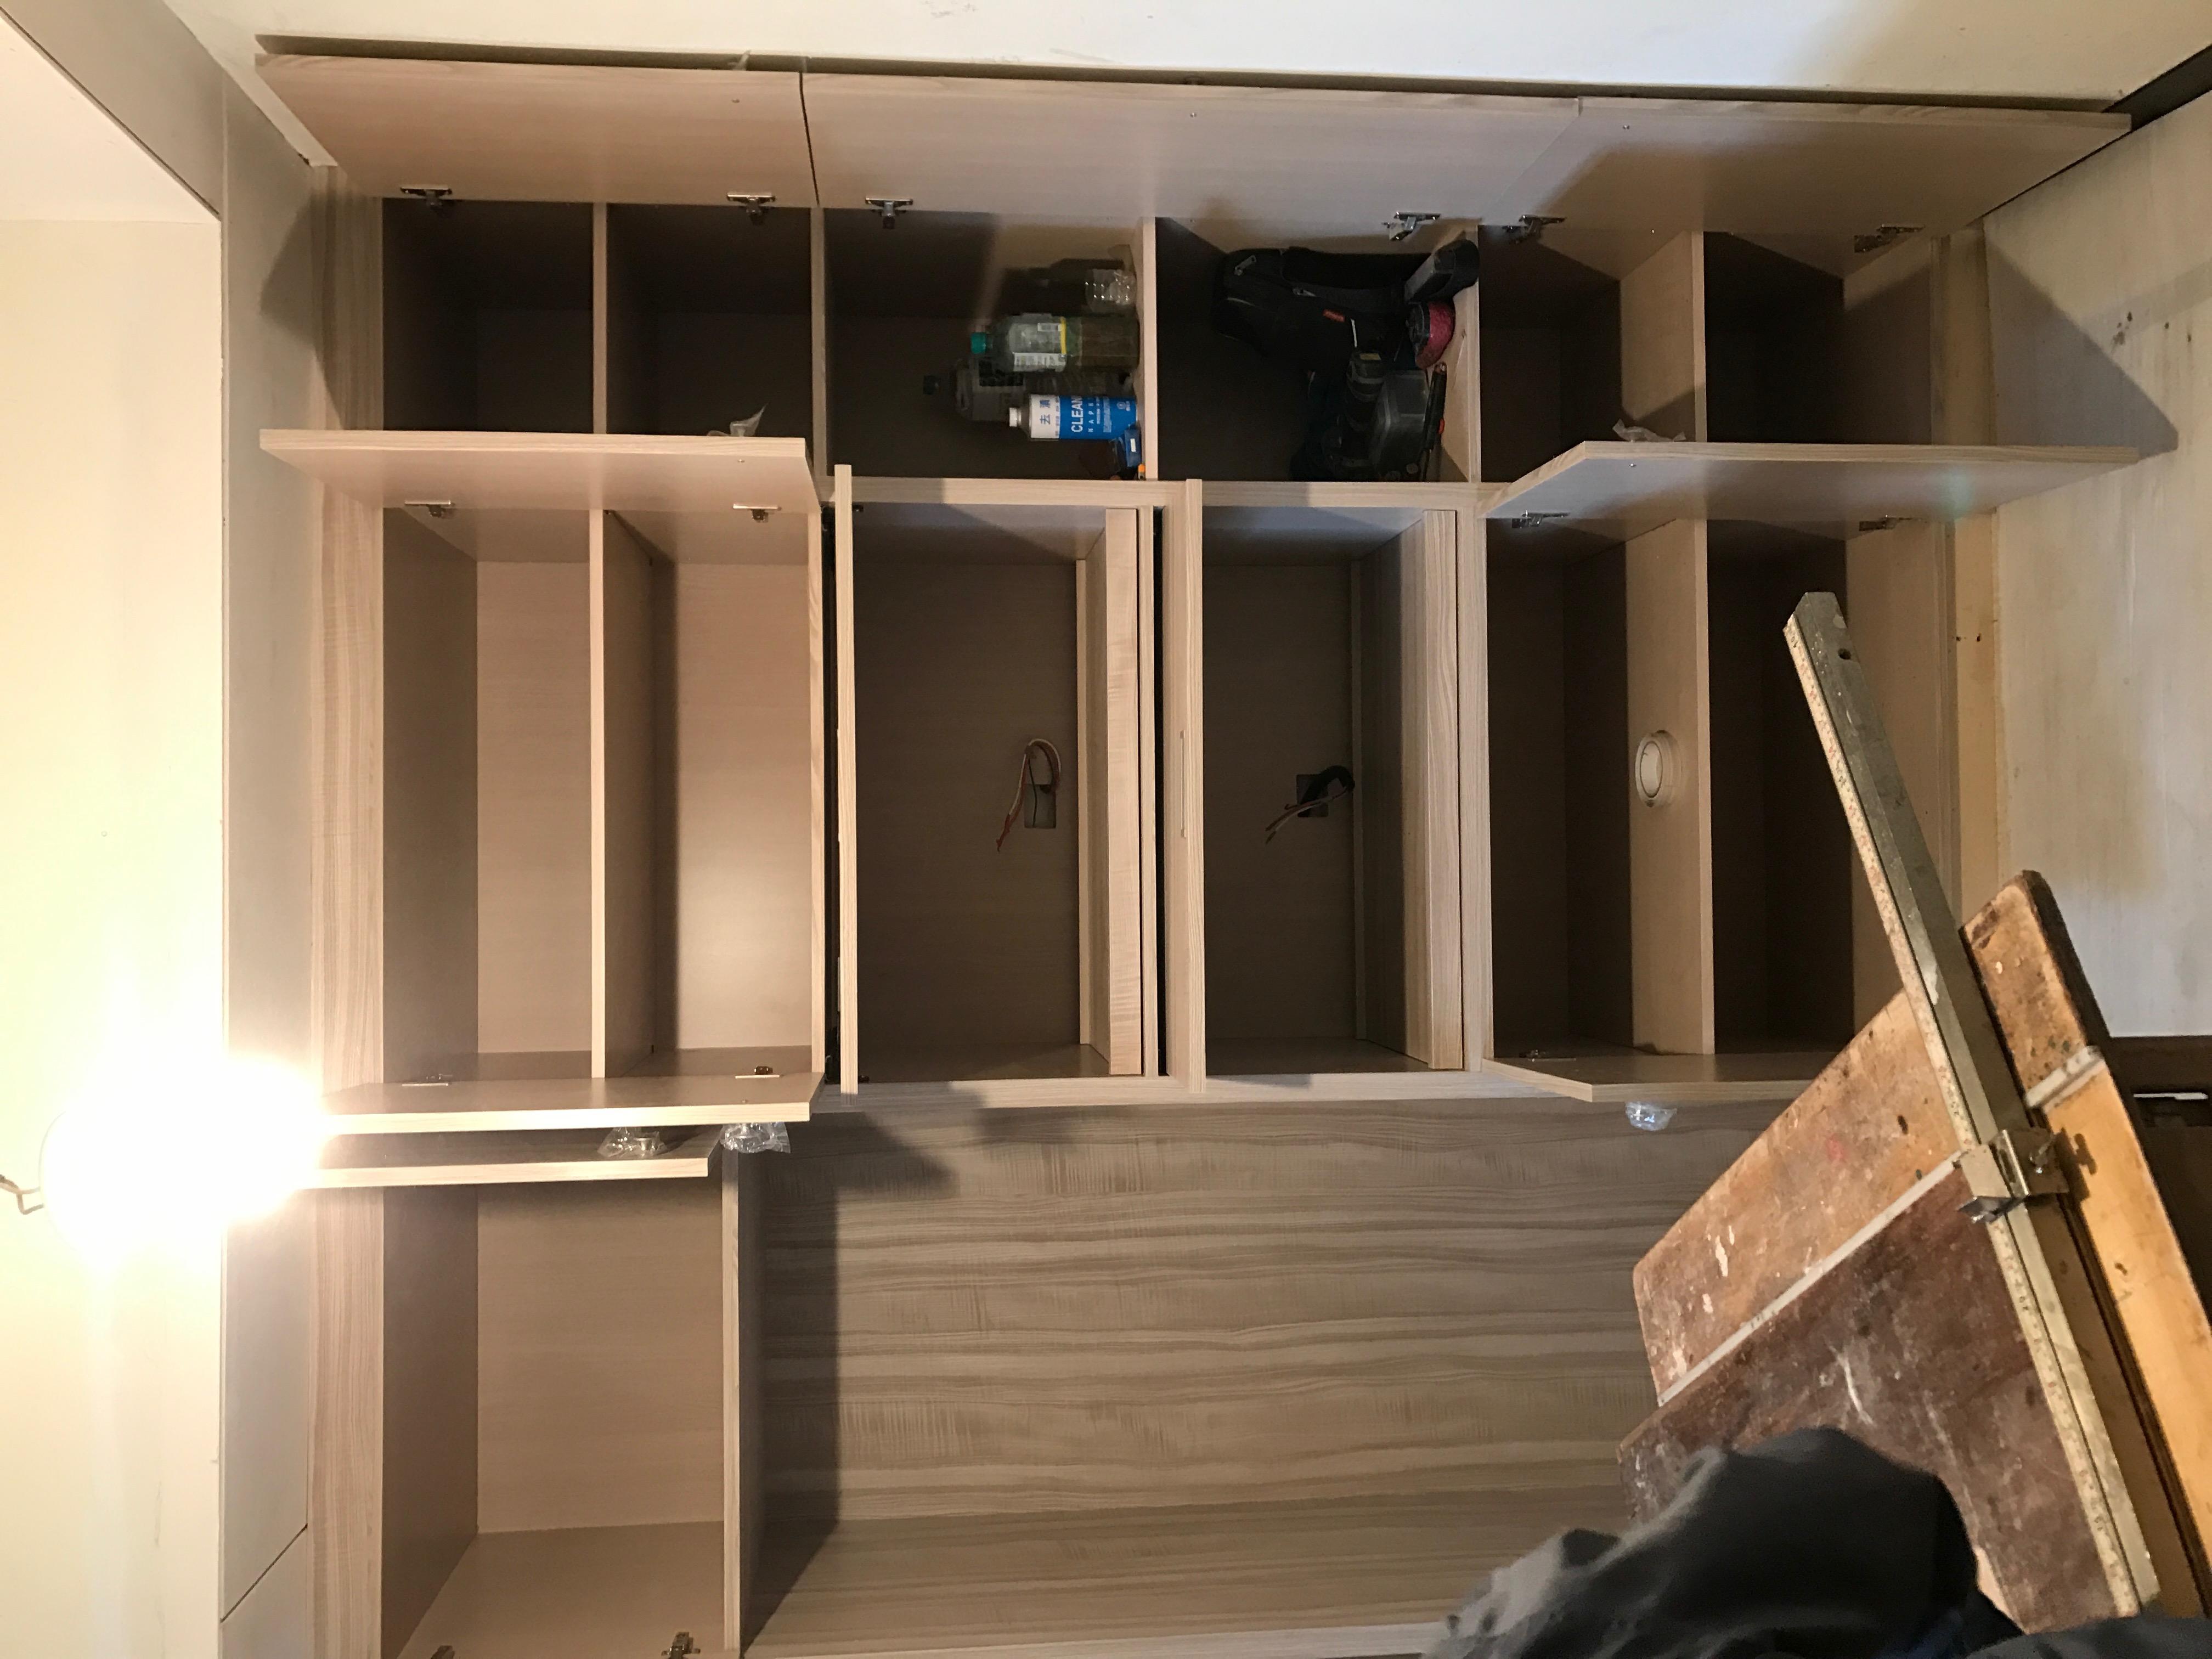 台北市住家室內裝潢衣櫃系統櫃木工 (12)